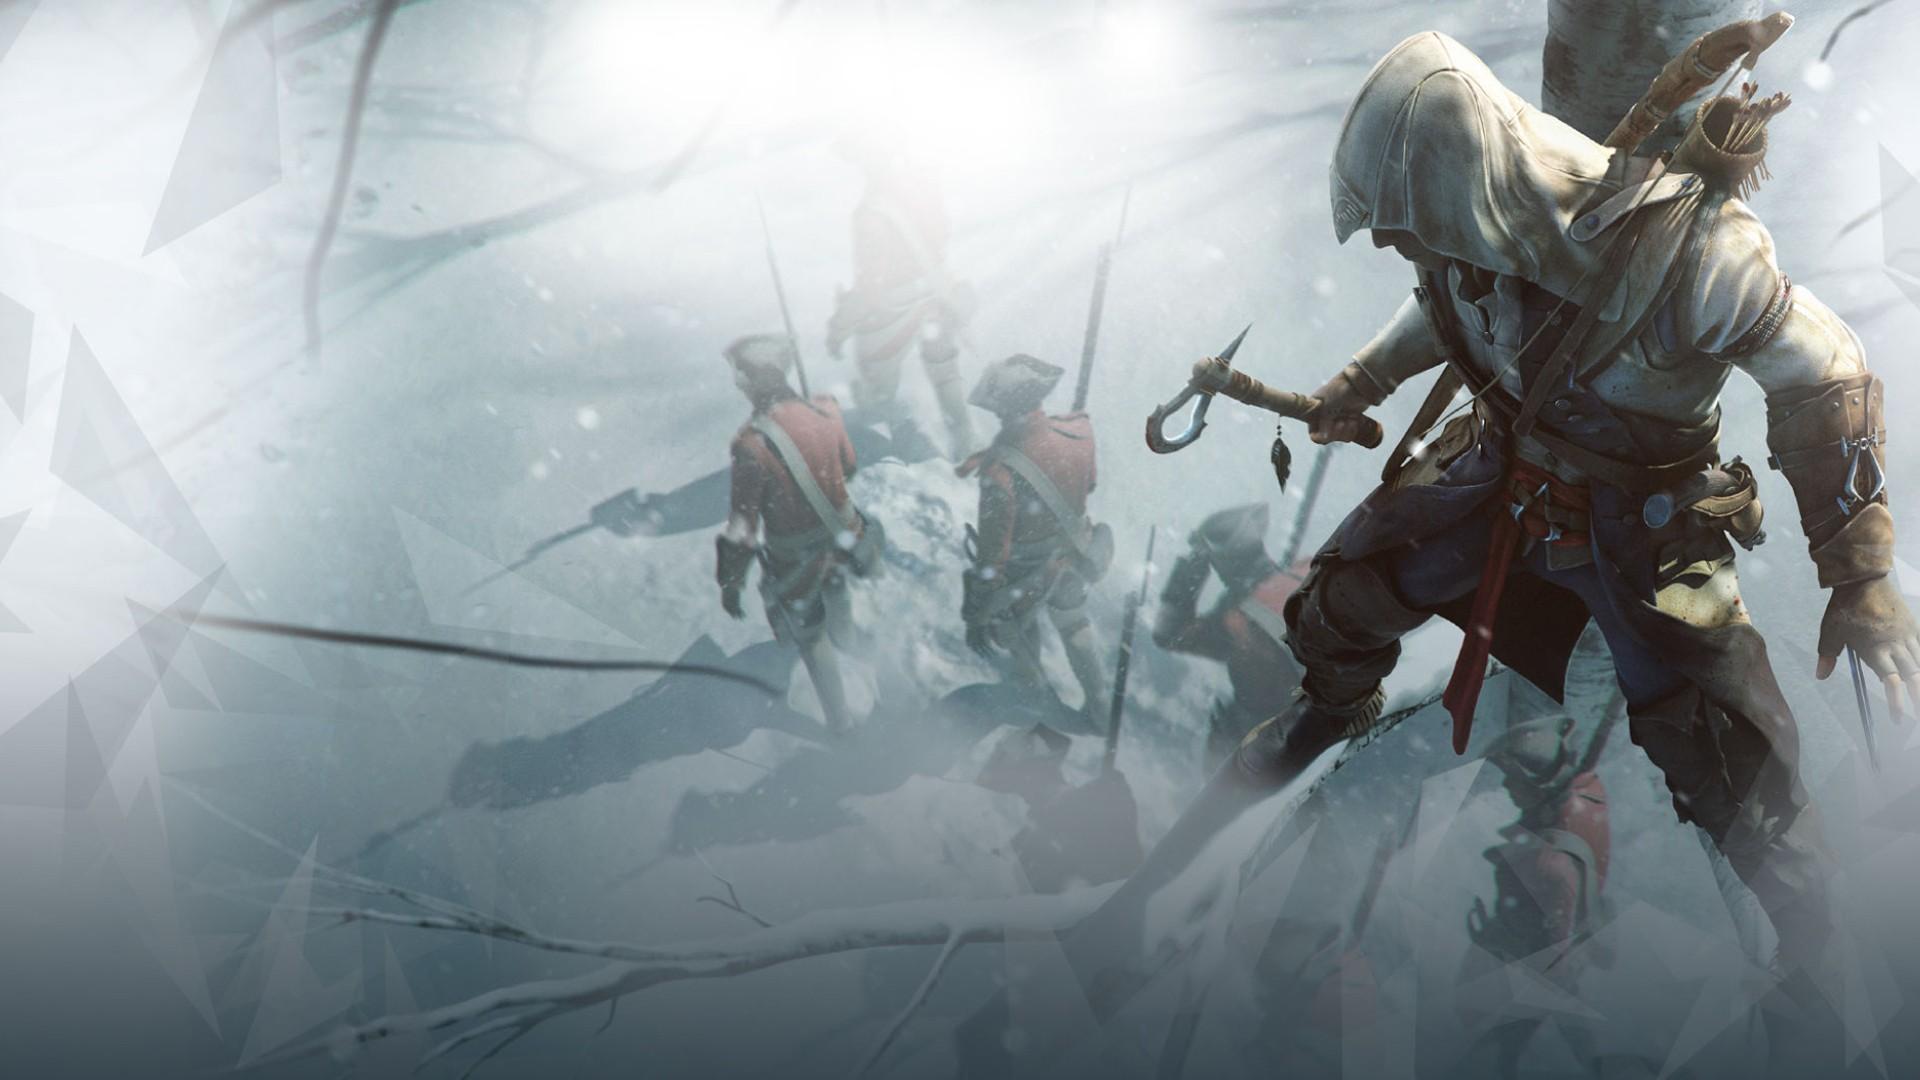 Assassins Creed 3 Wallpapers 4 HD Desktop Wallpapers 1920x1080